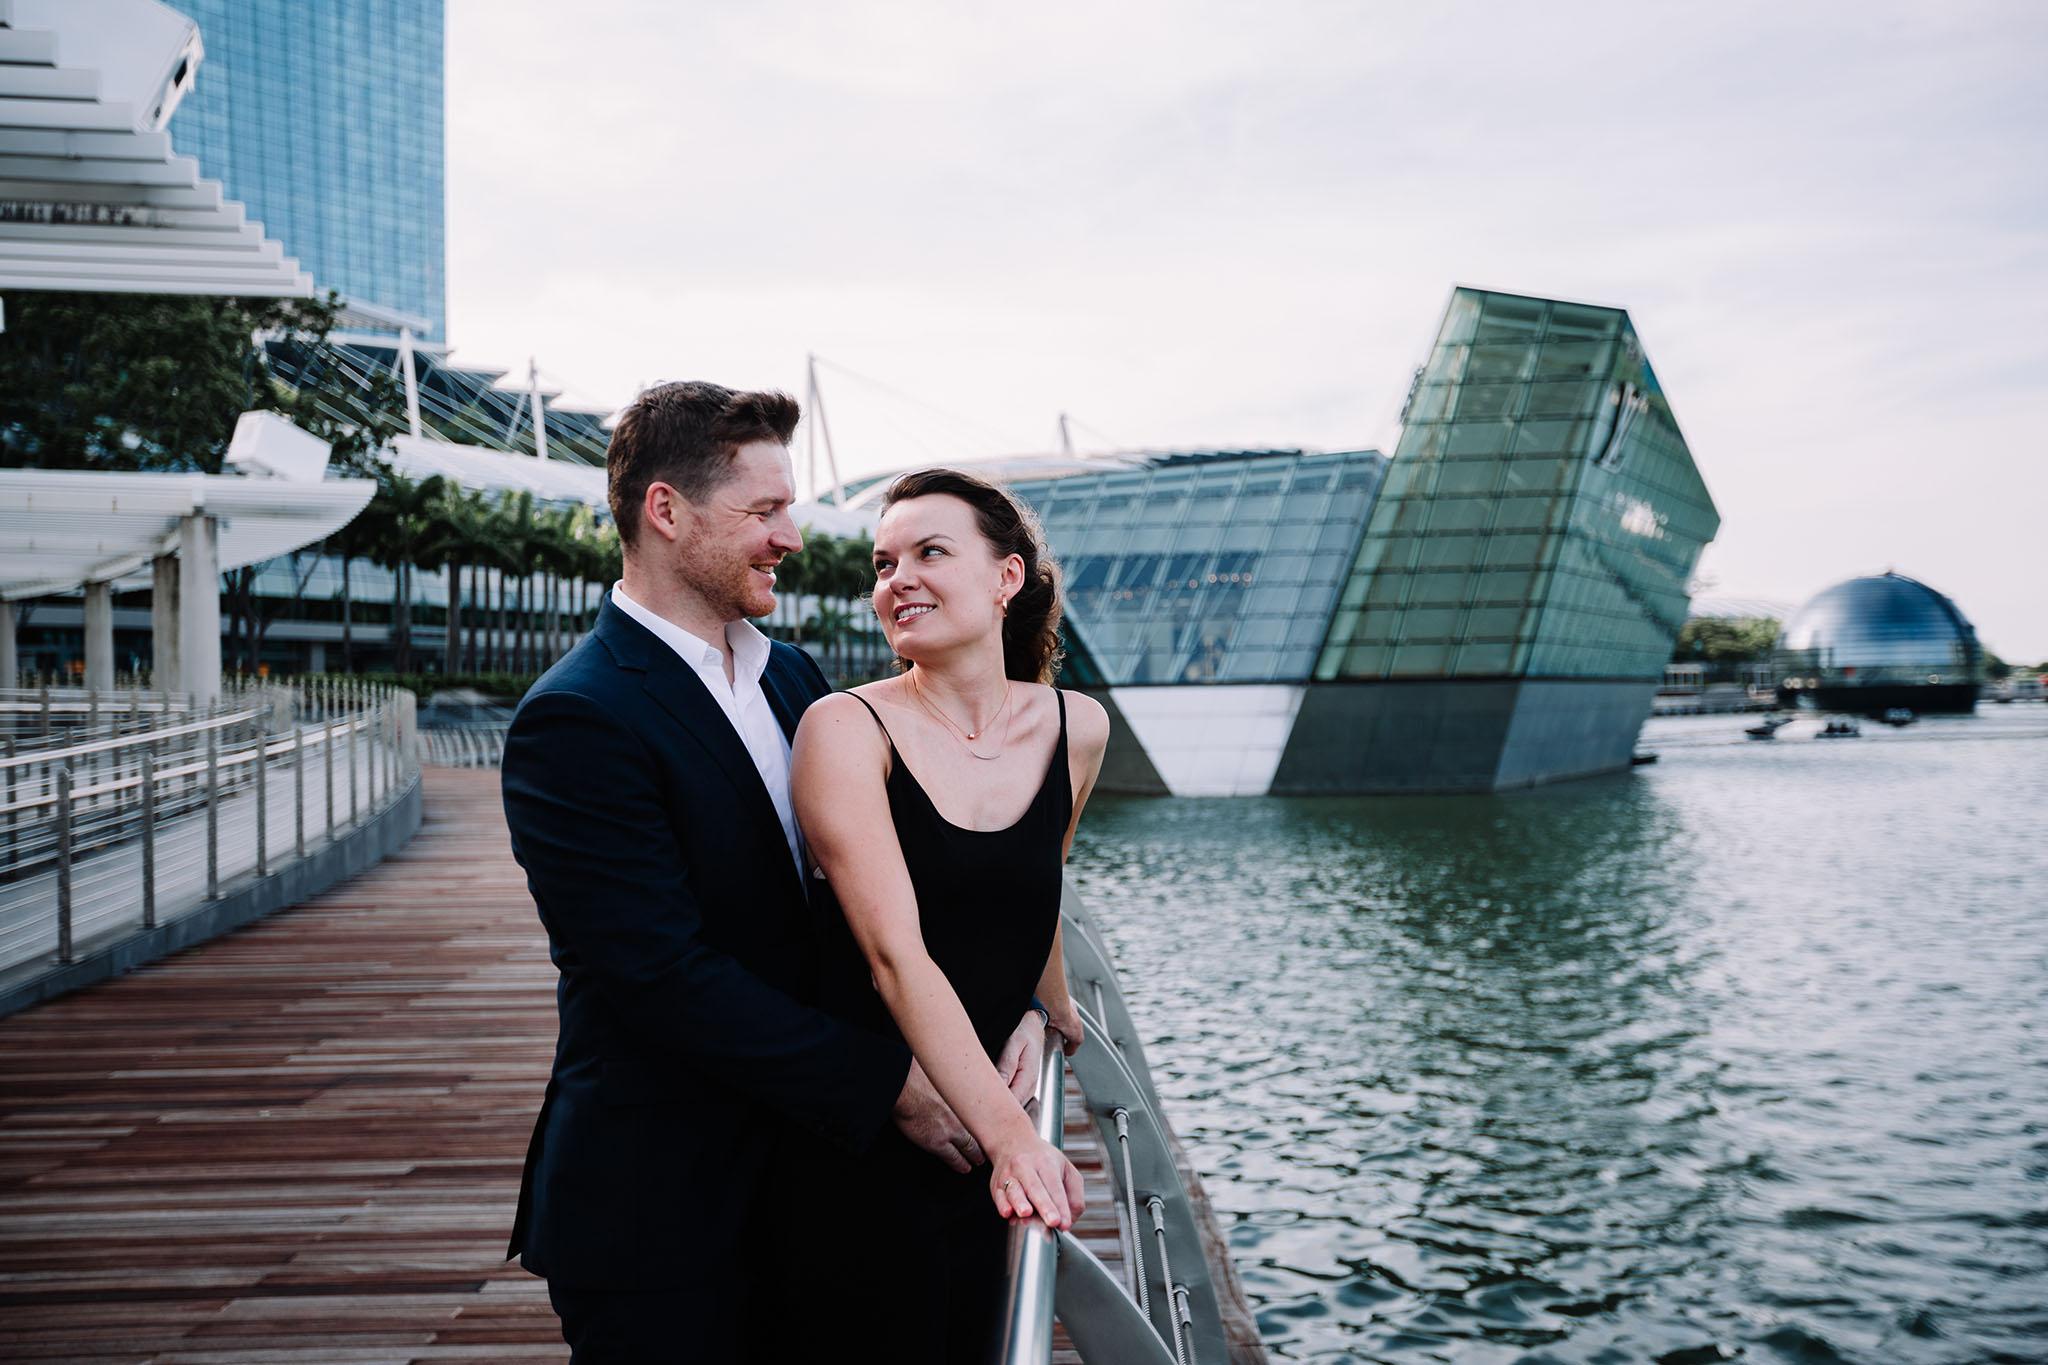 outdoor-couple-photography-darek-agata-3